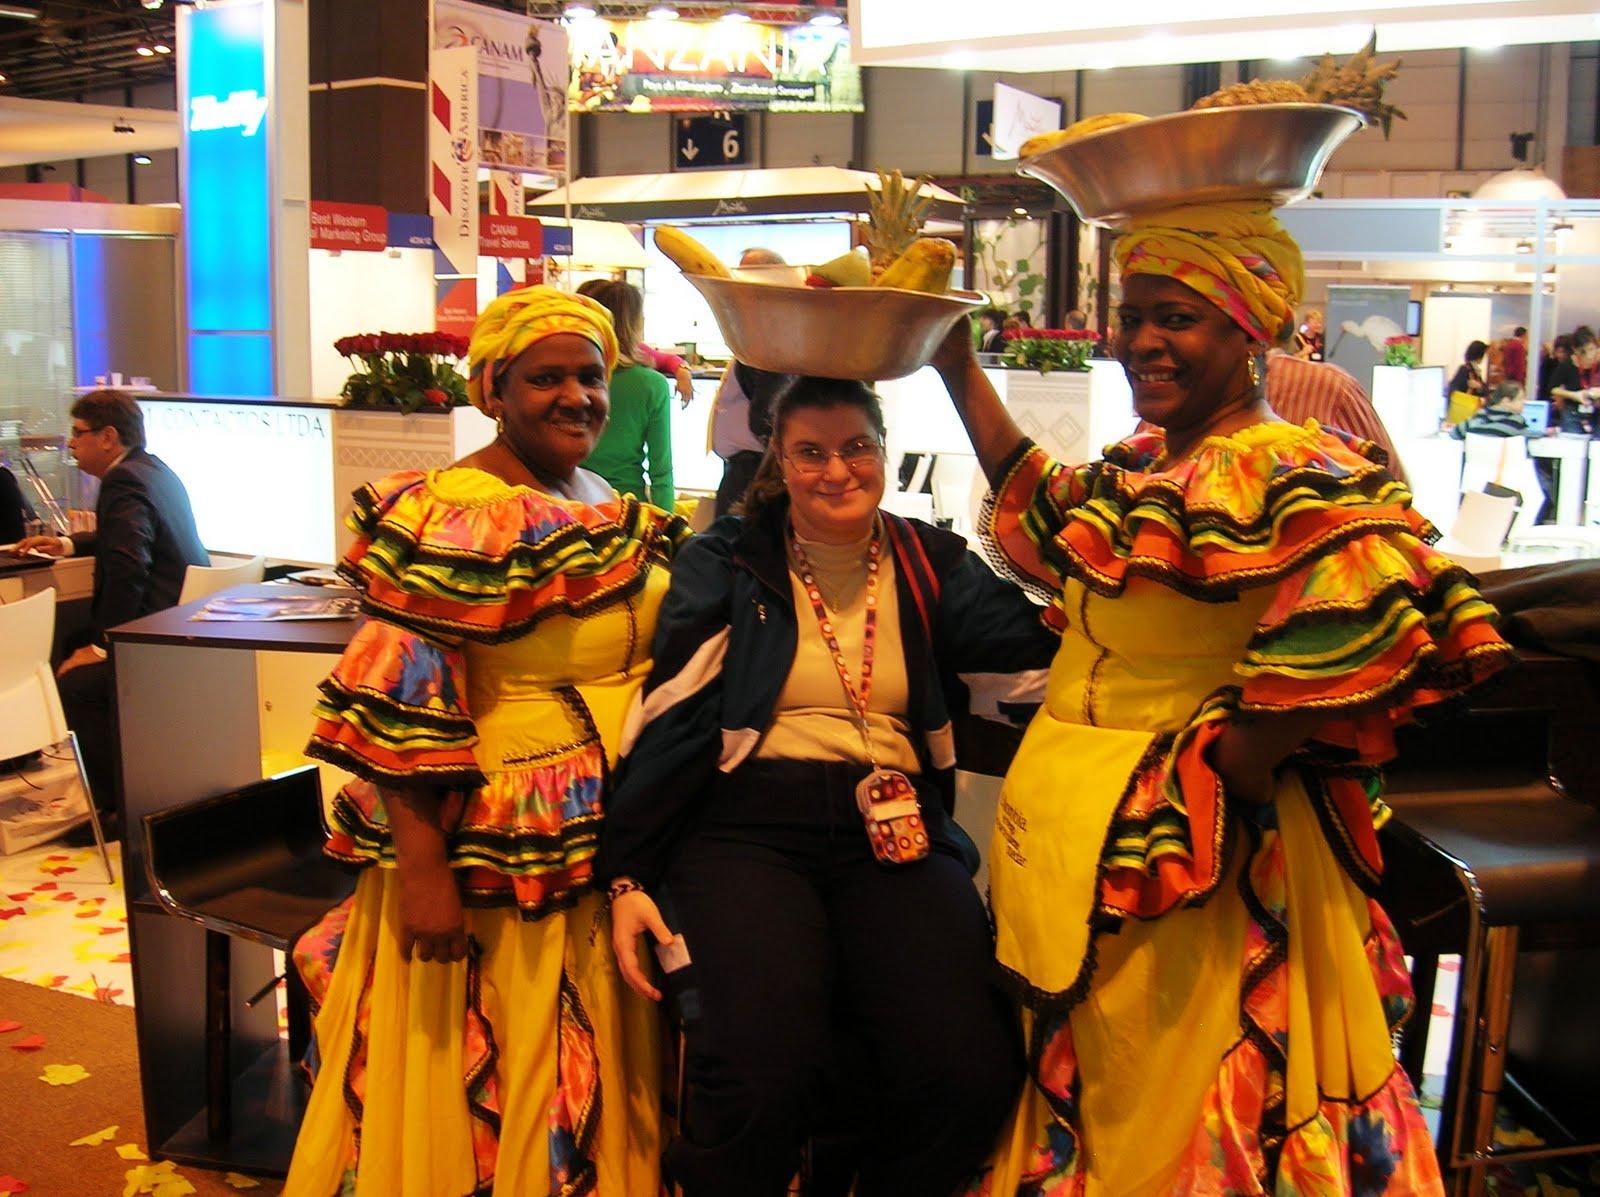 Gu a de isla de san andr s y cartagena de indias colombia for Oficina de avianca en madrid